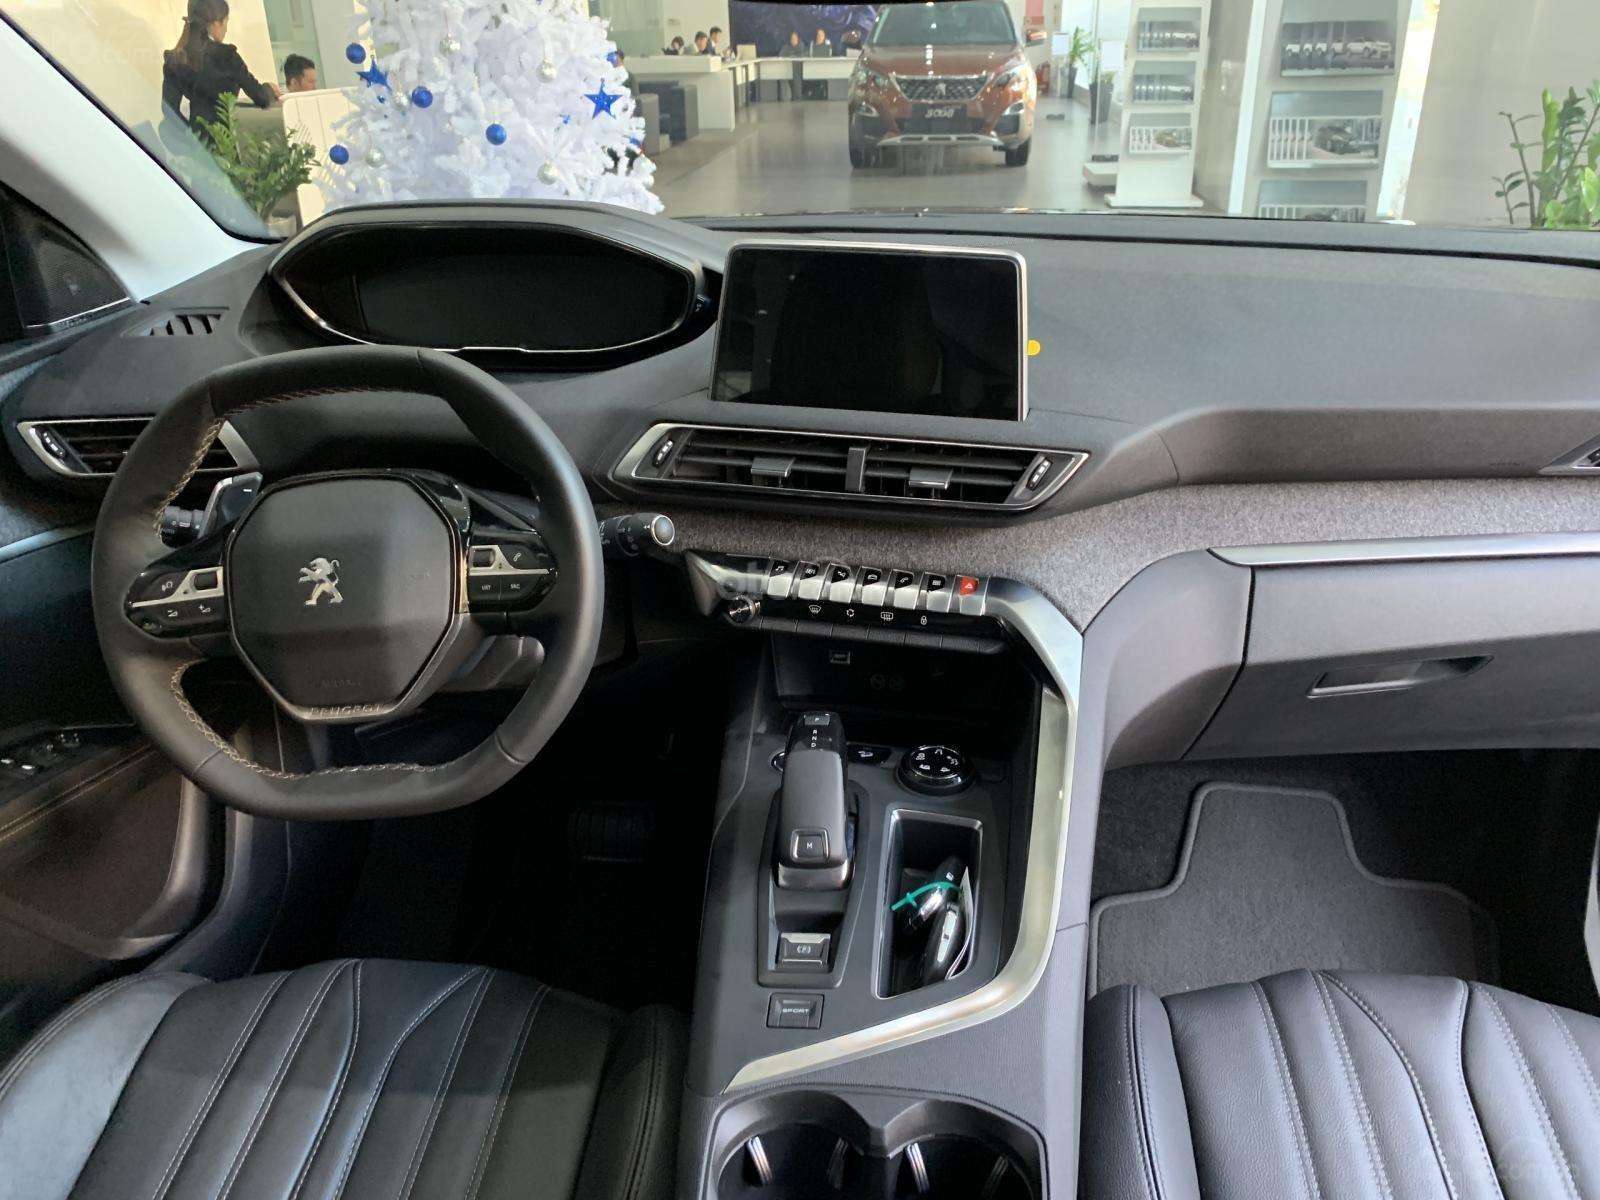 Peugeot Long Biên - 5008 All New 2019 - Khuyến mãi lớn - giao xe ngay (4)